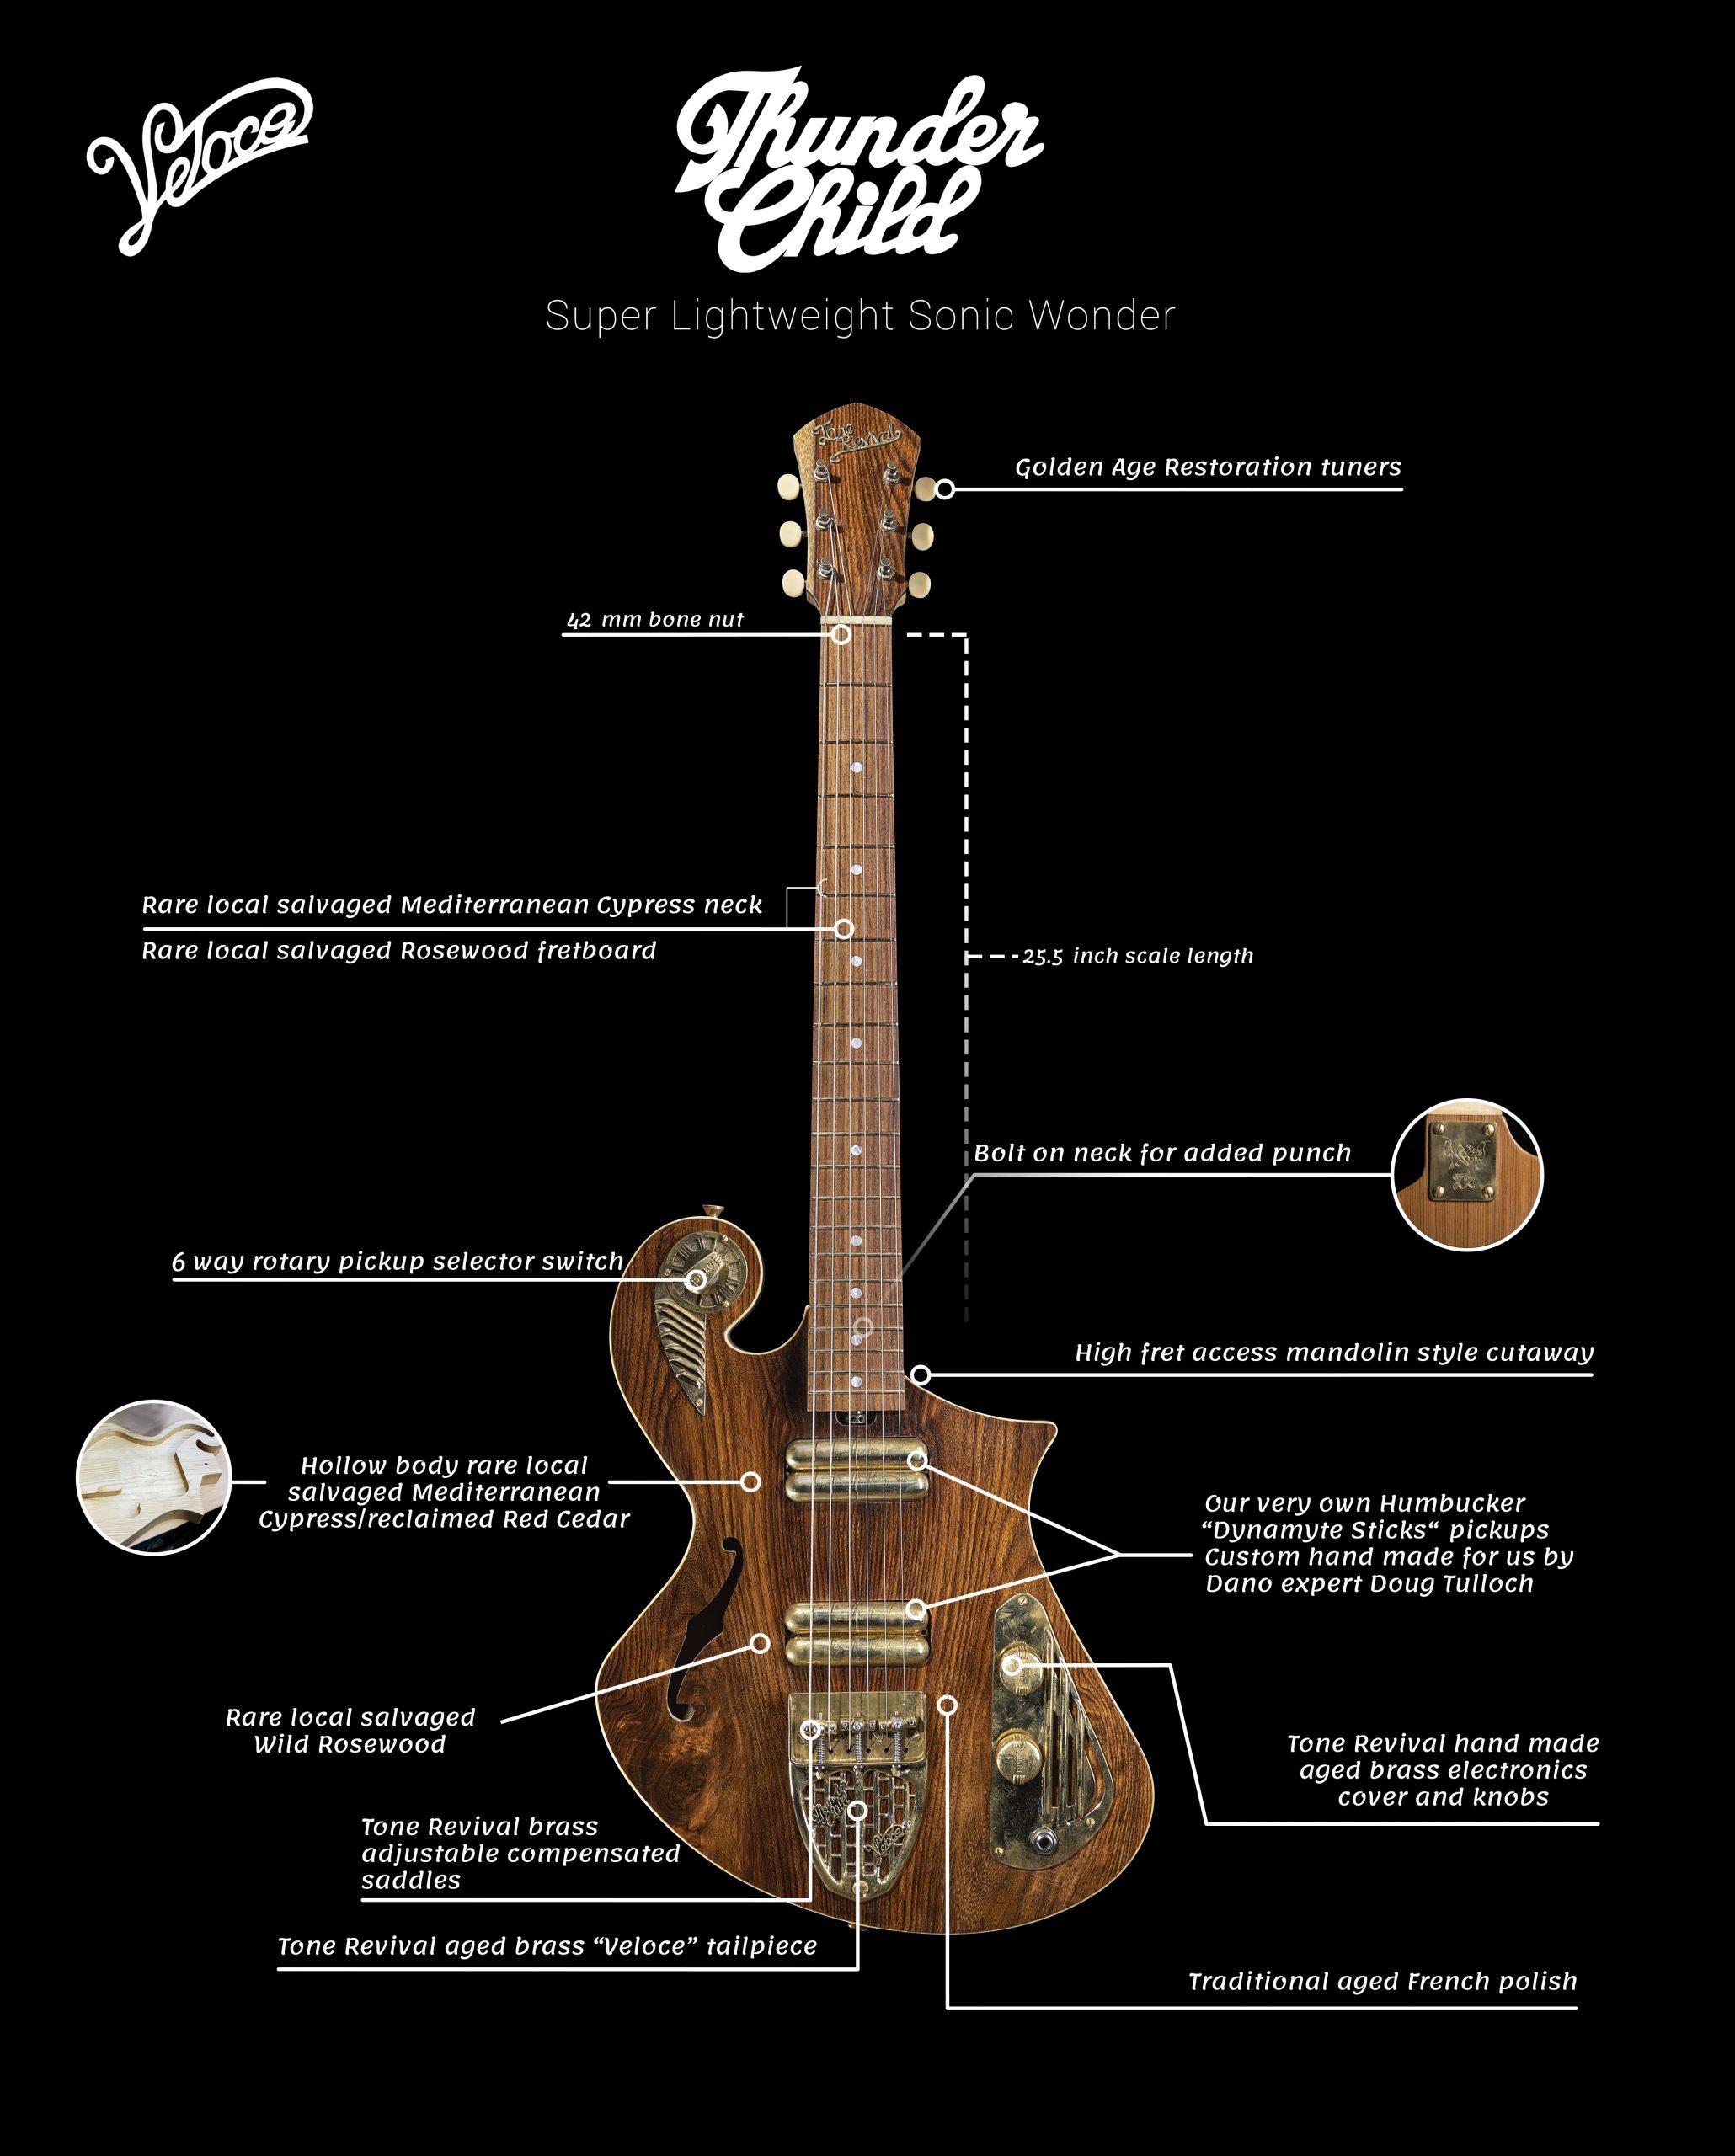 Handmade Guitar - Wild Rosewood -Thunder Child Veloce - Brass hardware Handmade Guitar - Wild Rosewood -Thunder Child Veloce - Guitar Specs